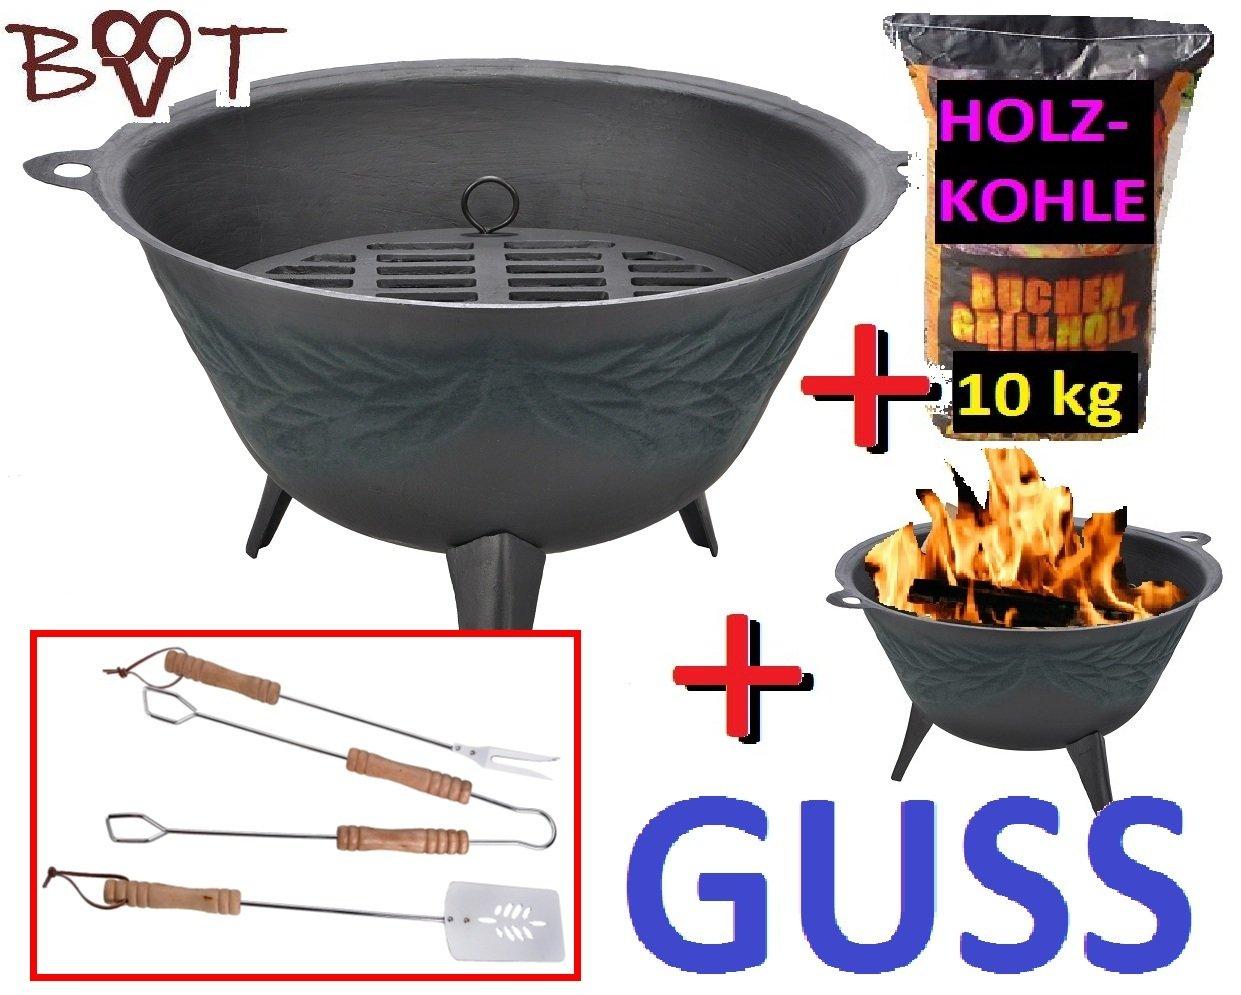 Stabile grosse Feuerschale + 10 kg GRILLKOHLE Feuerstelle Feuerkorb Terrassenofen GRILL jetzt kaufen